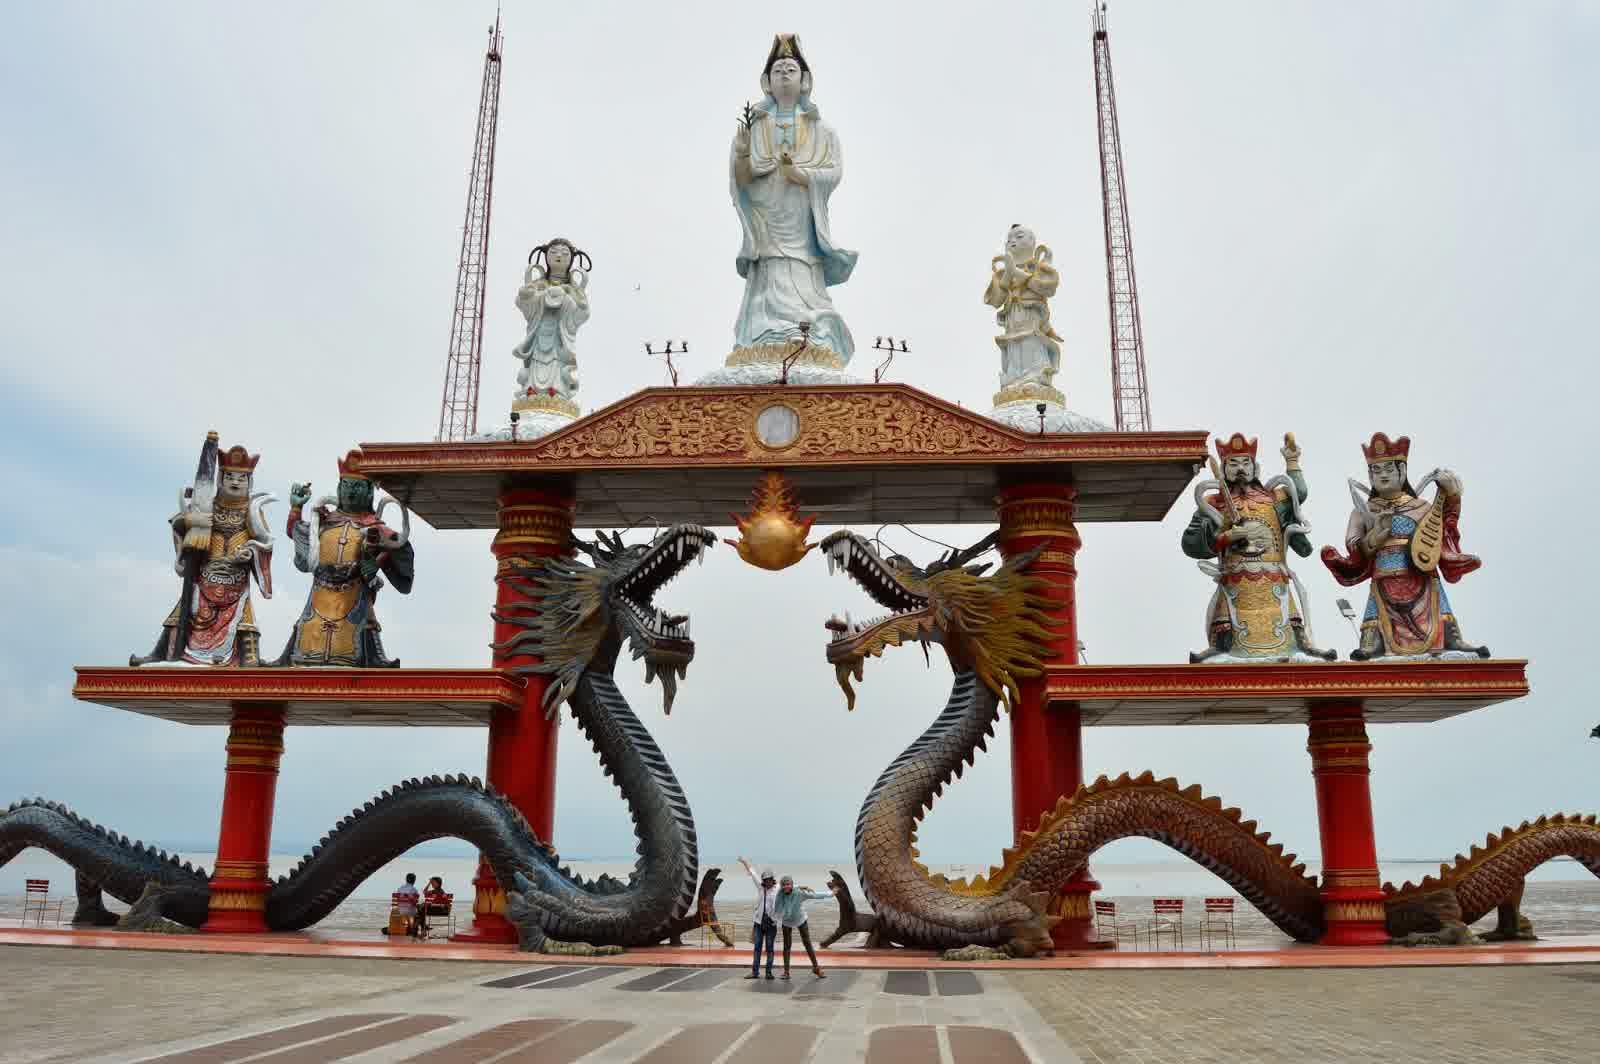 Park Menjadi Ikon Wisata Surabaya Kenjeran Jembatan Kota